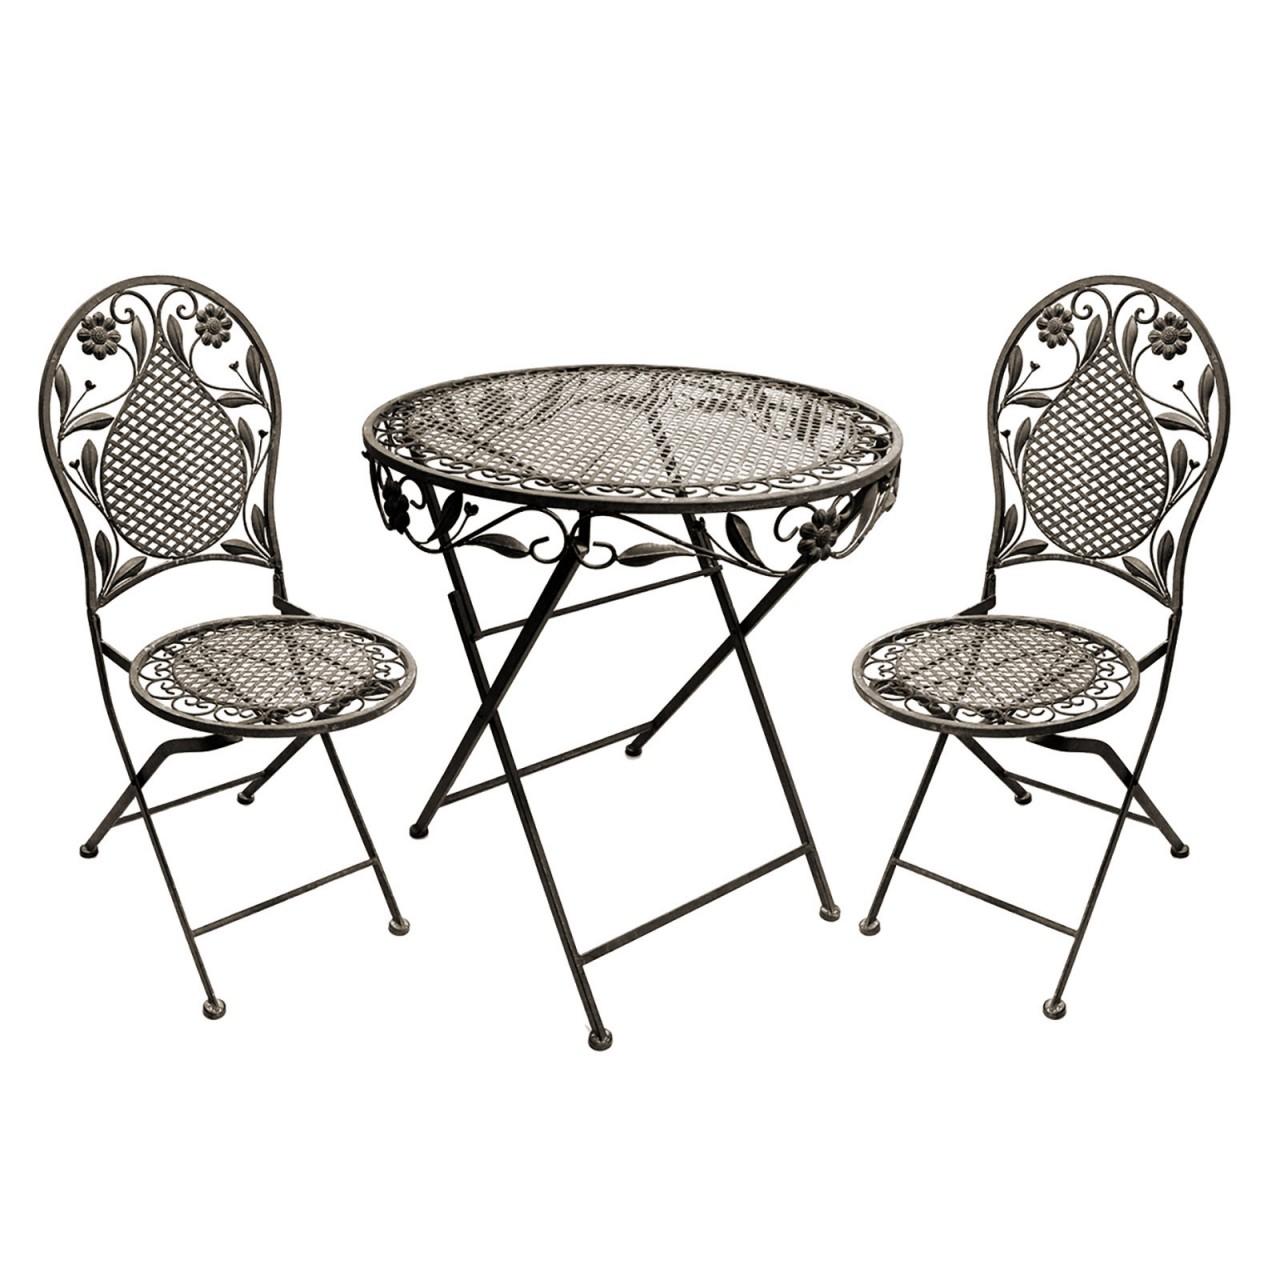 Lex Terrassen Set Aus Eisen Bestehend Aus 1 Tisch Und 2 Stühle